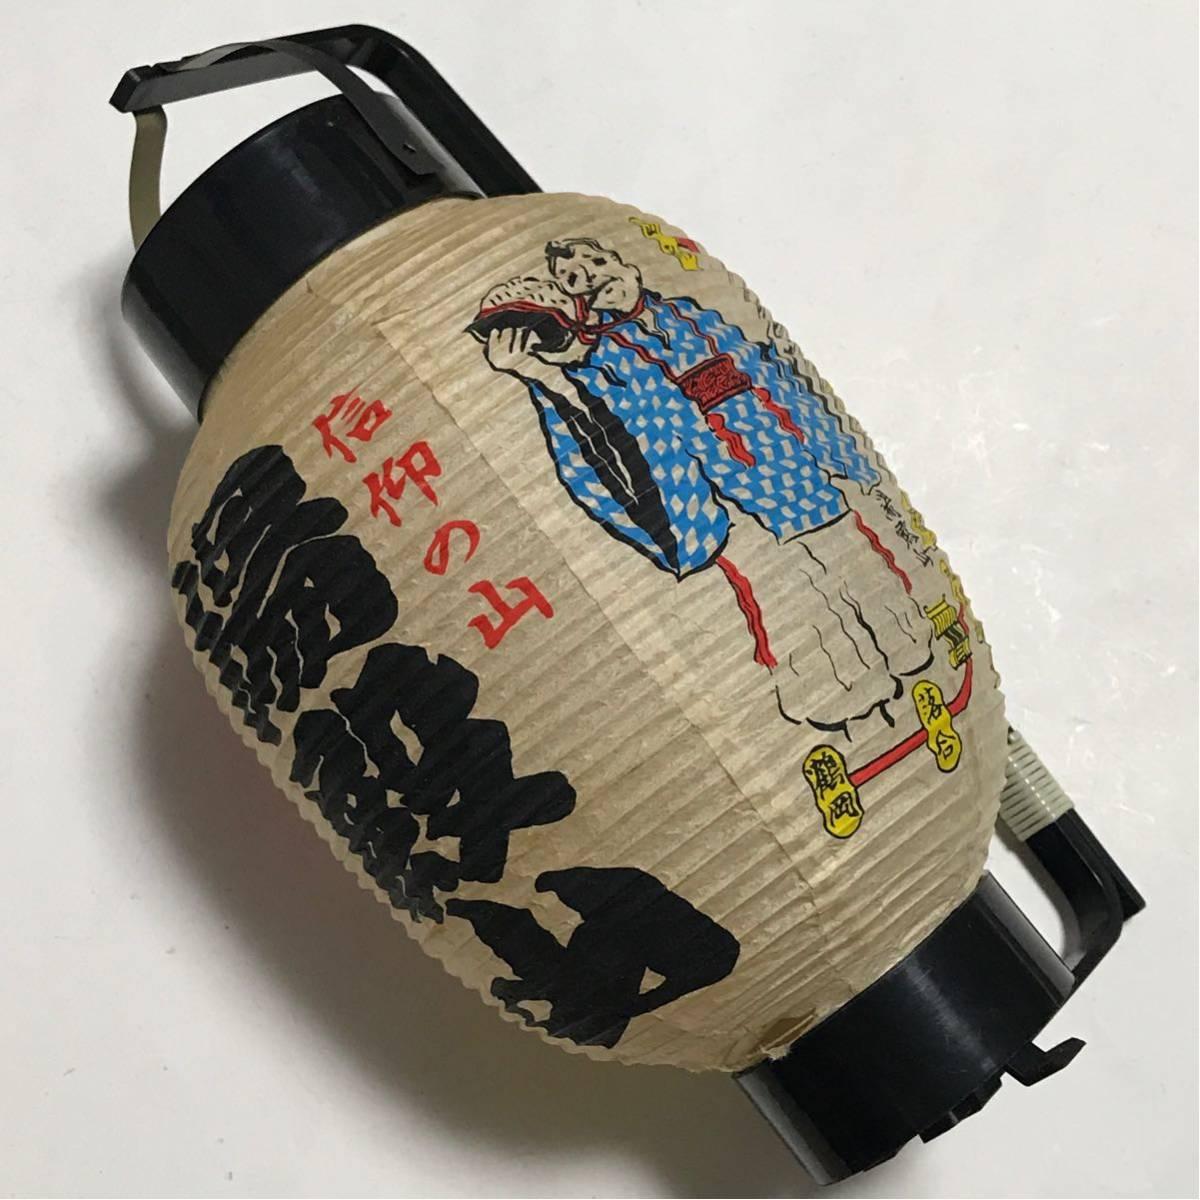 昭和 レトロ 民芸 観光 土産 ご当地 提灯 山形県 湯殿山_画像1